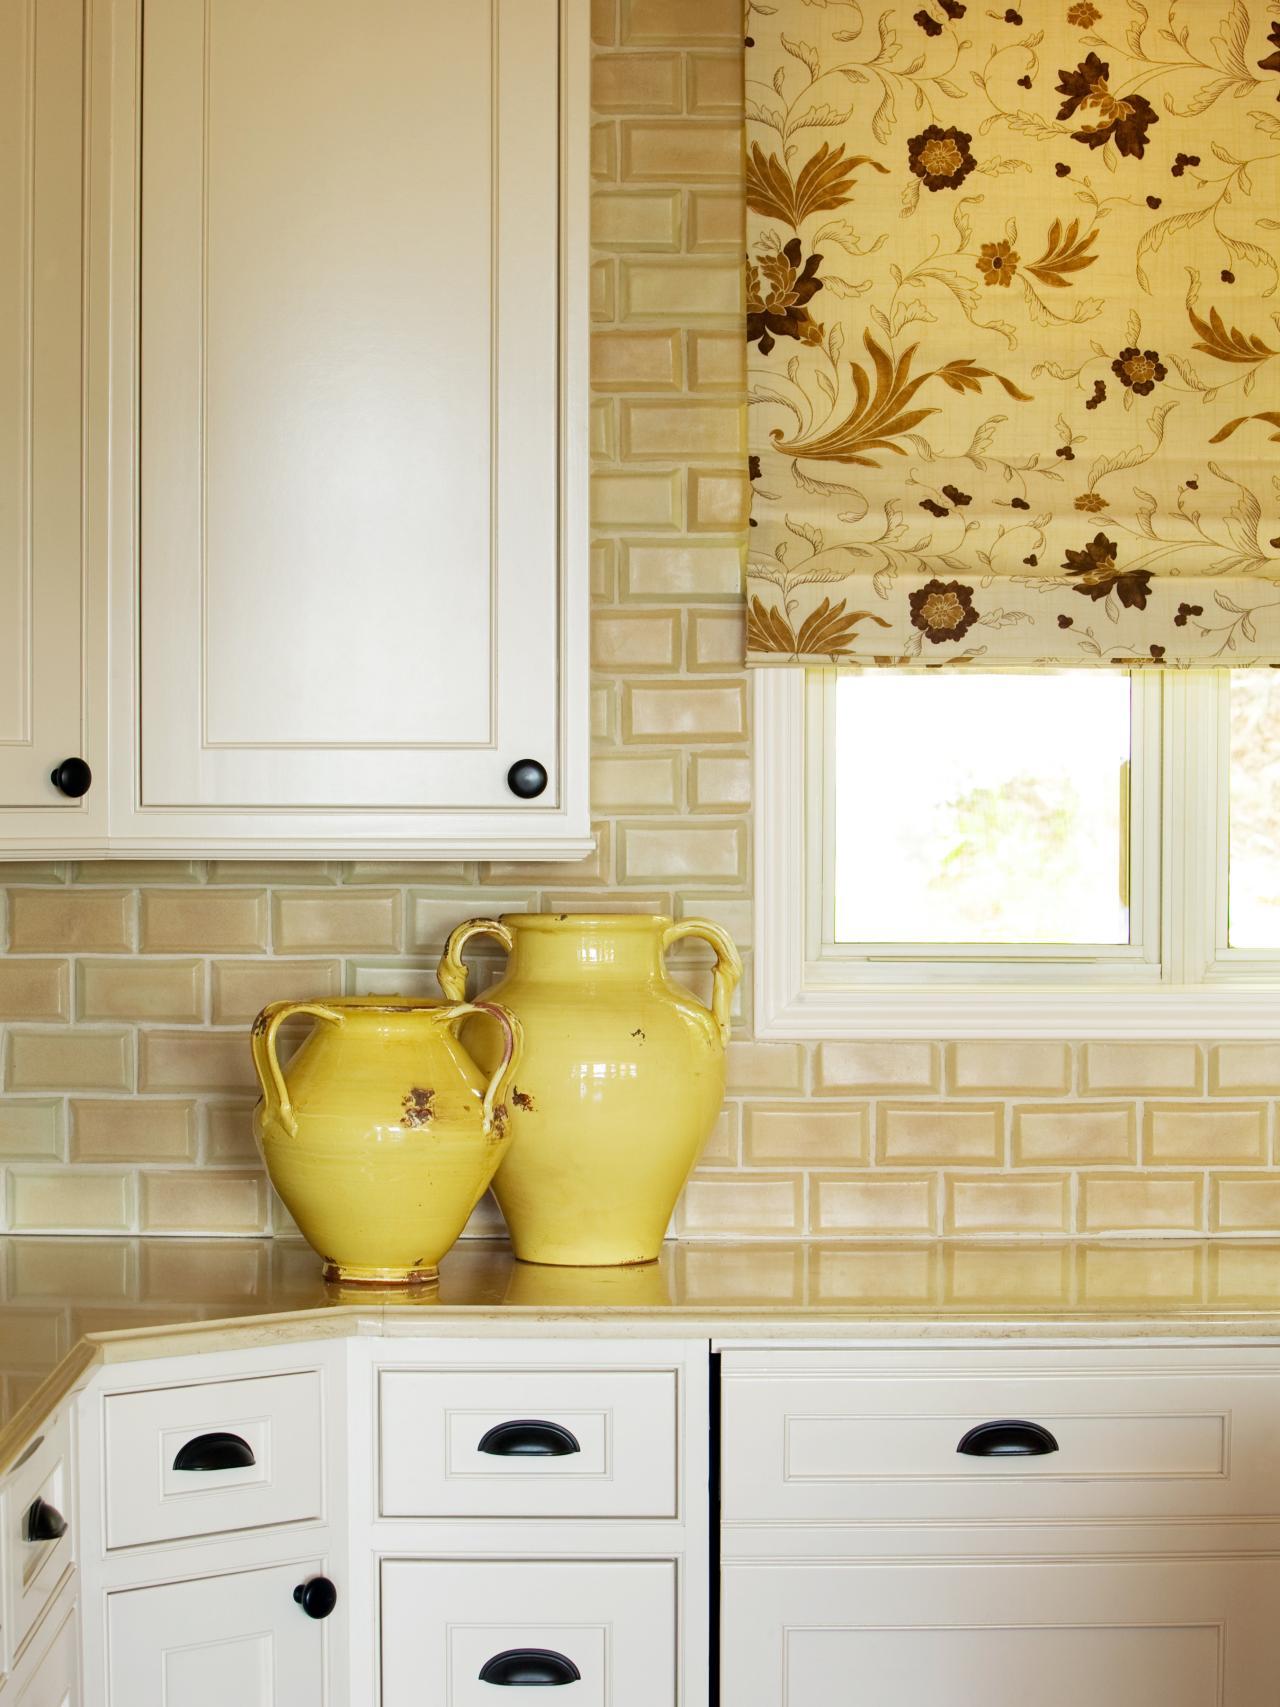 Beautiful, yellow kitchen splashback